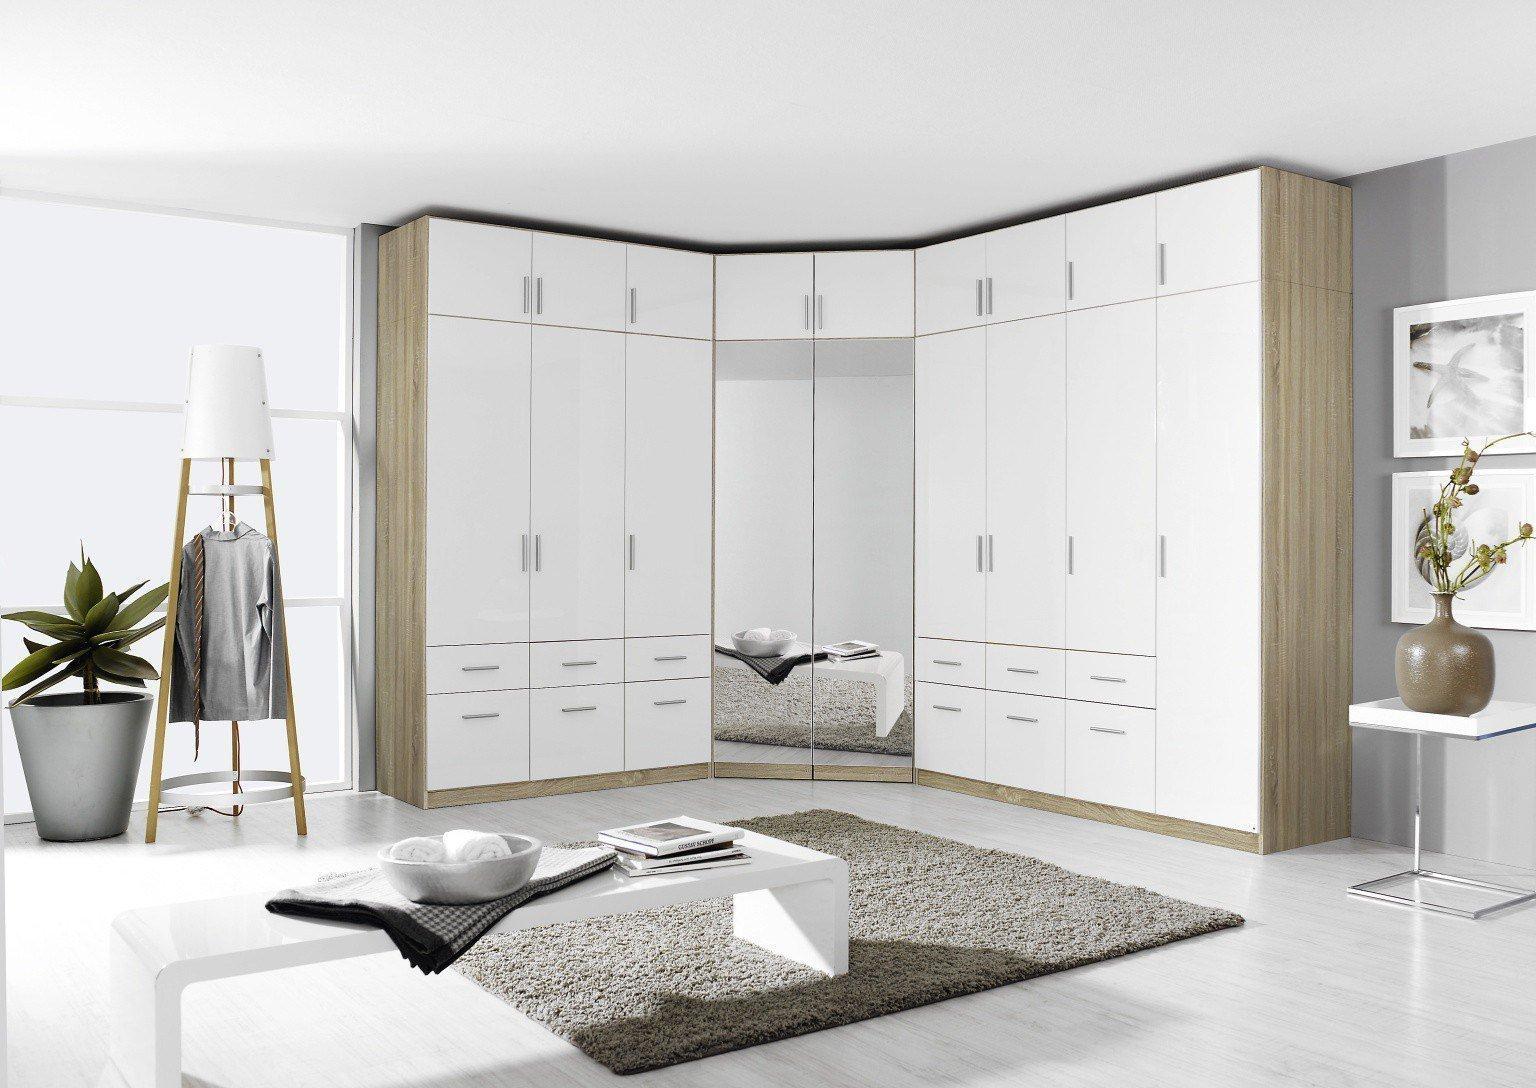 rauch celle kombi eiche sanremo lava m bel letz ihr online shop. Black Bedroom Furniture Sets. Home Design Ideas